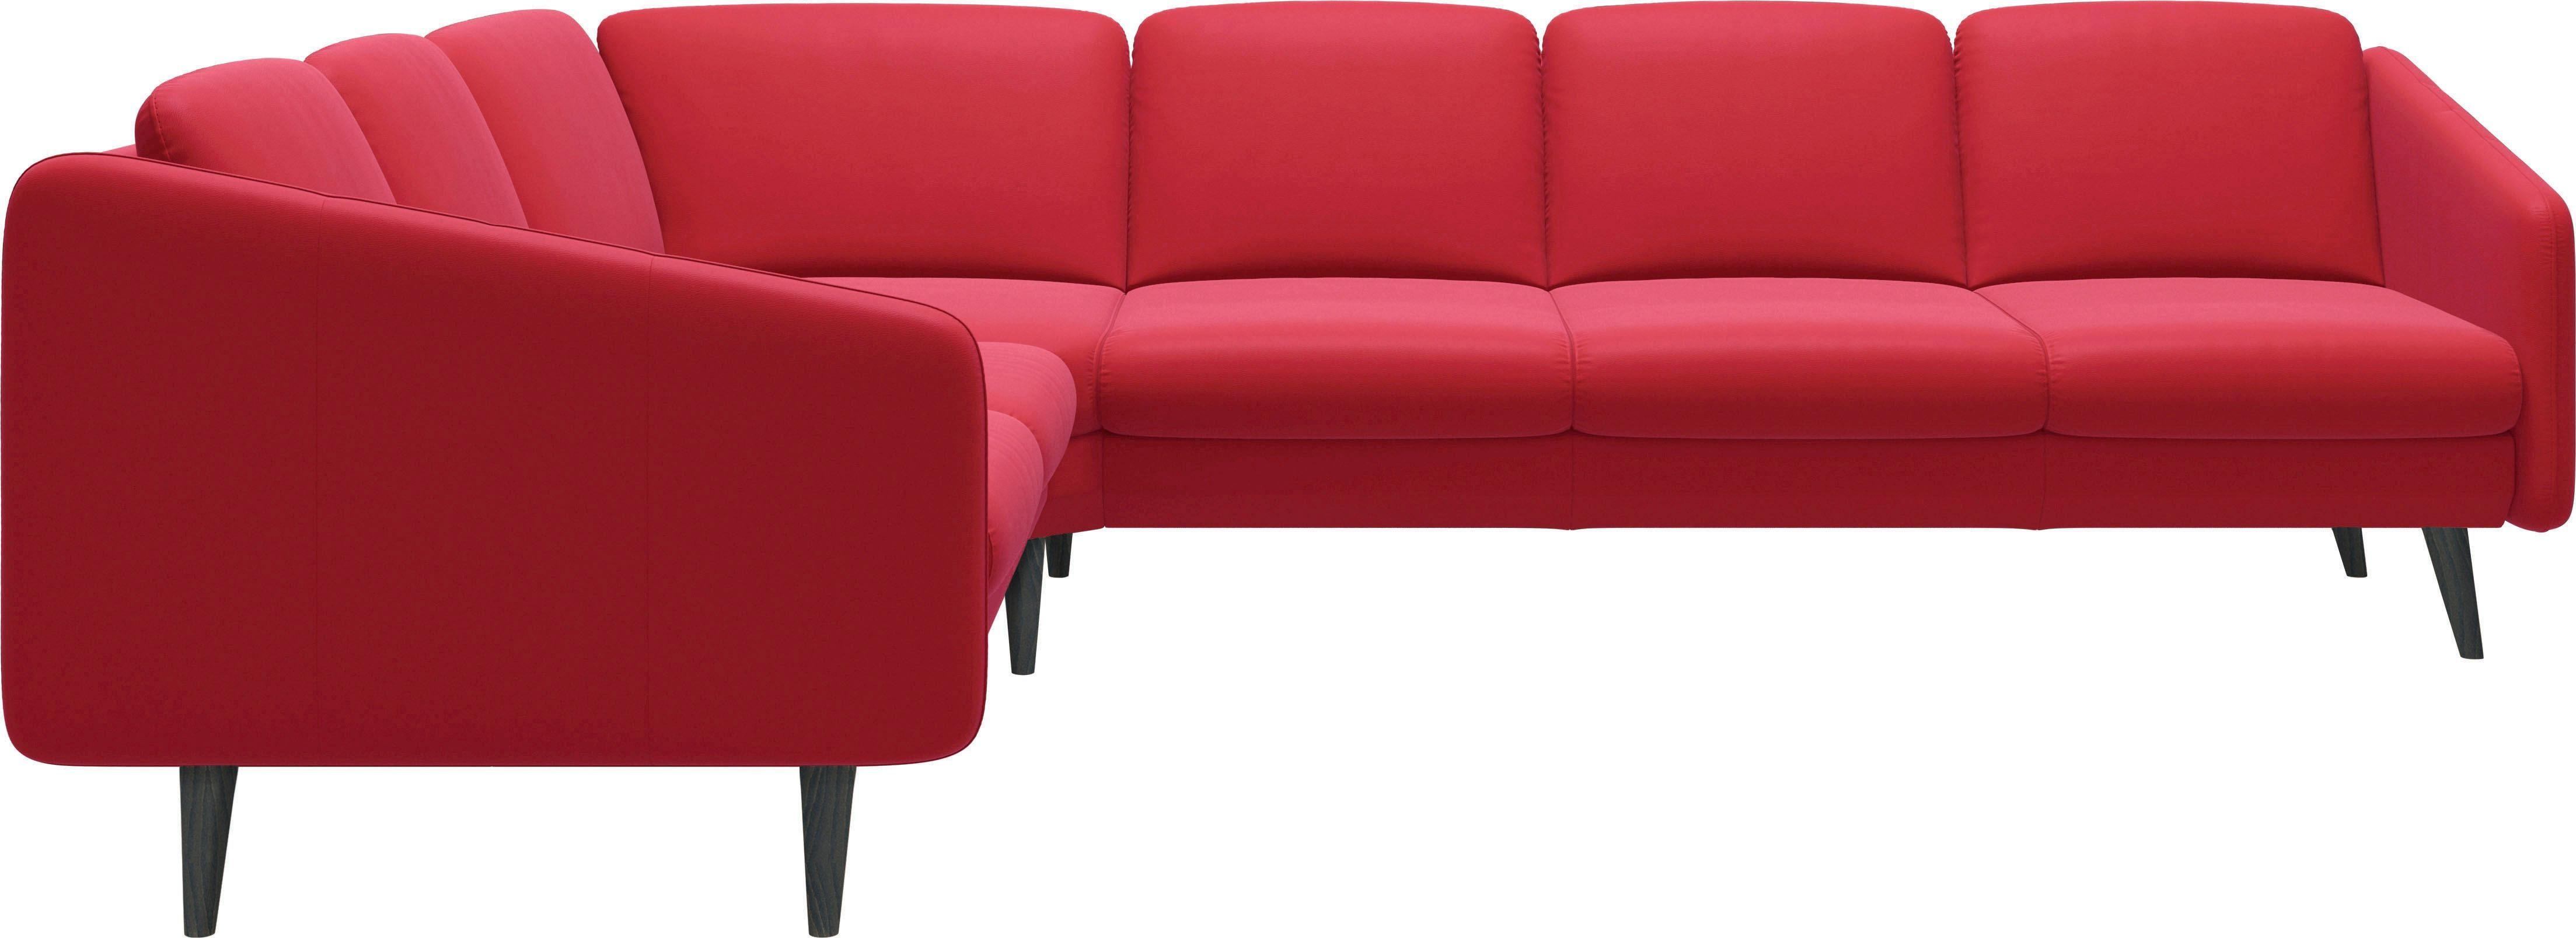 Stressless Ecke 2-Sitzer/3-Sitzer Trio Eve mit schrägen Holzfüßen in 3 Ausführungen | Wohnzimmer > Sofas & Couches > 2 & 3 Sitzer Sofas | Leder - Stoff - Polyester | Stressless